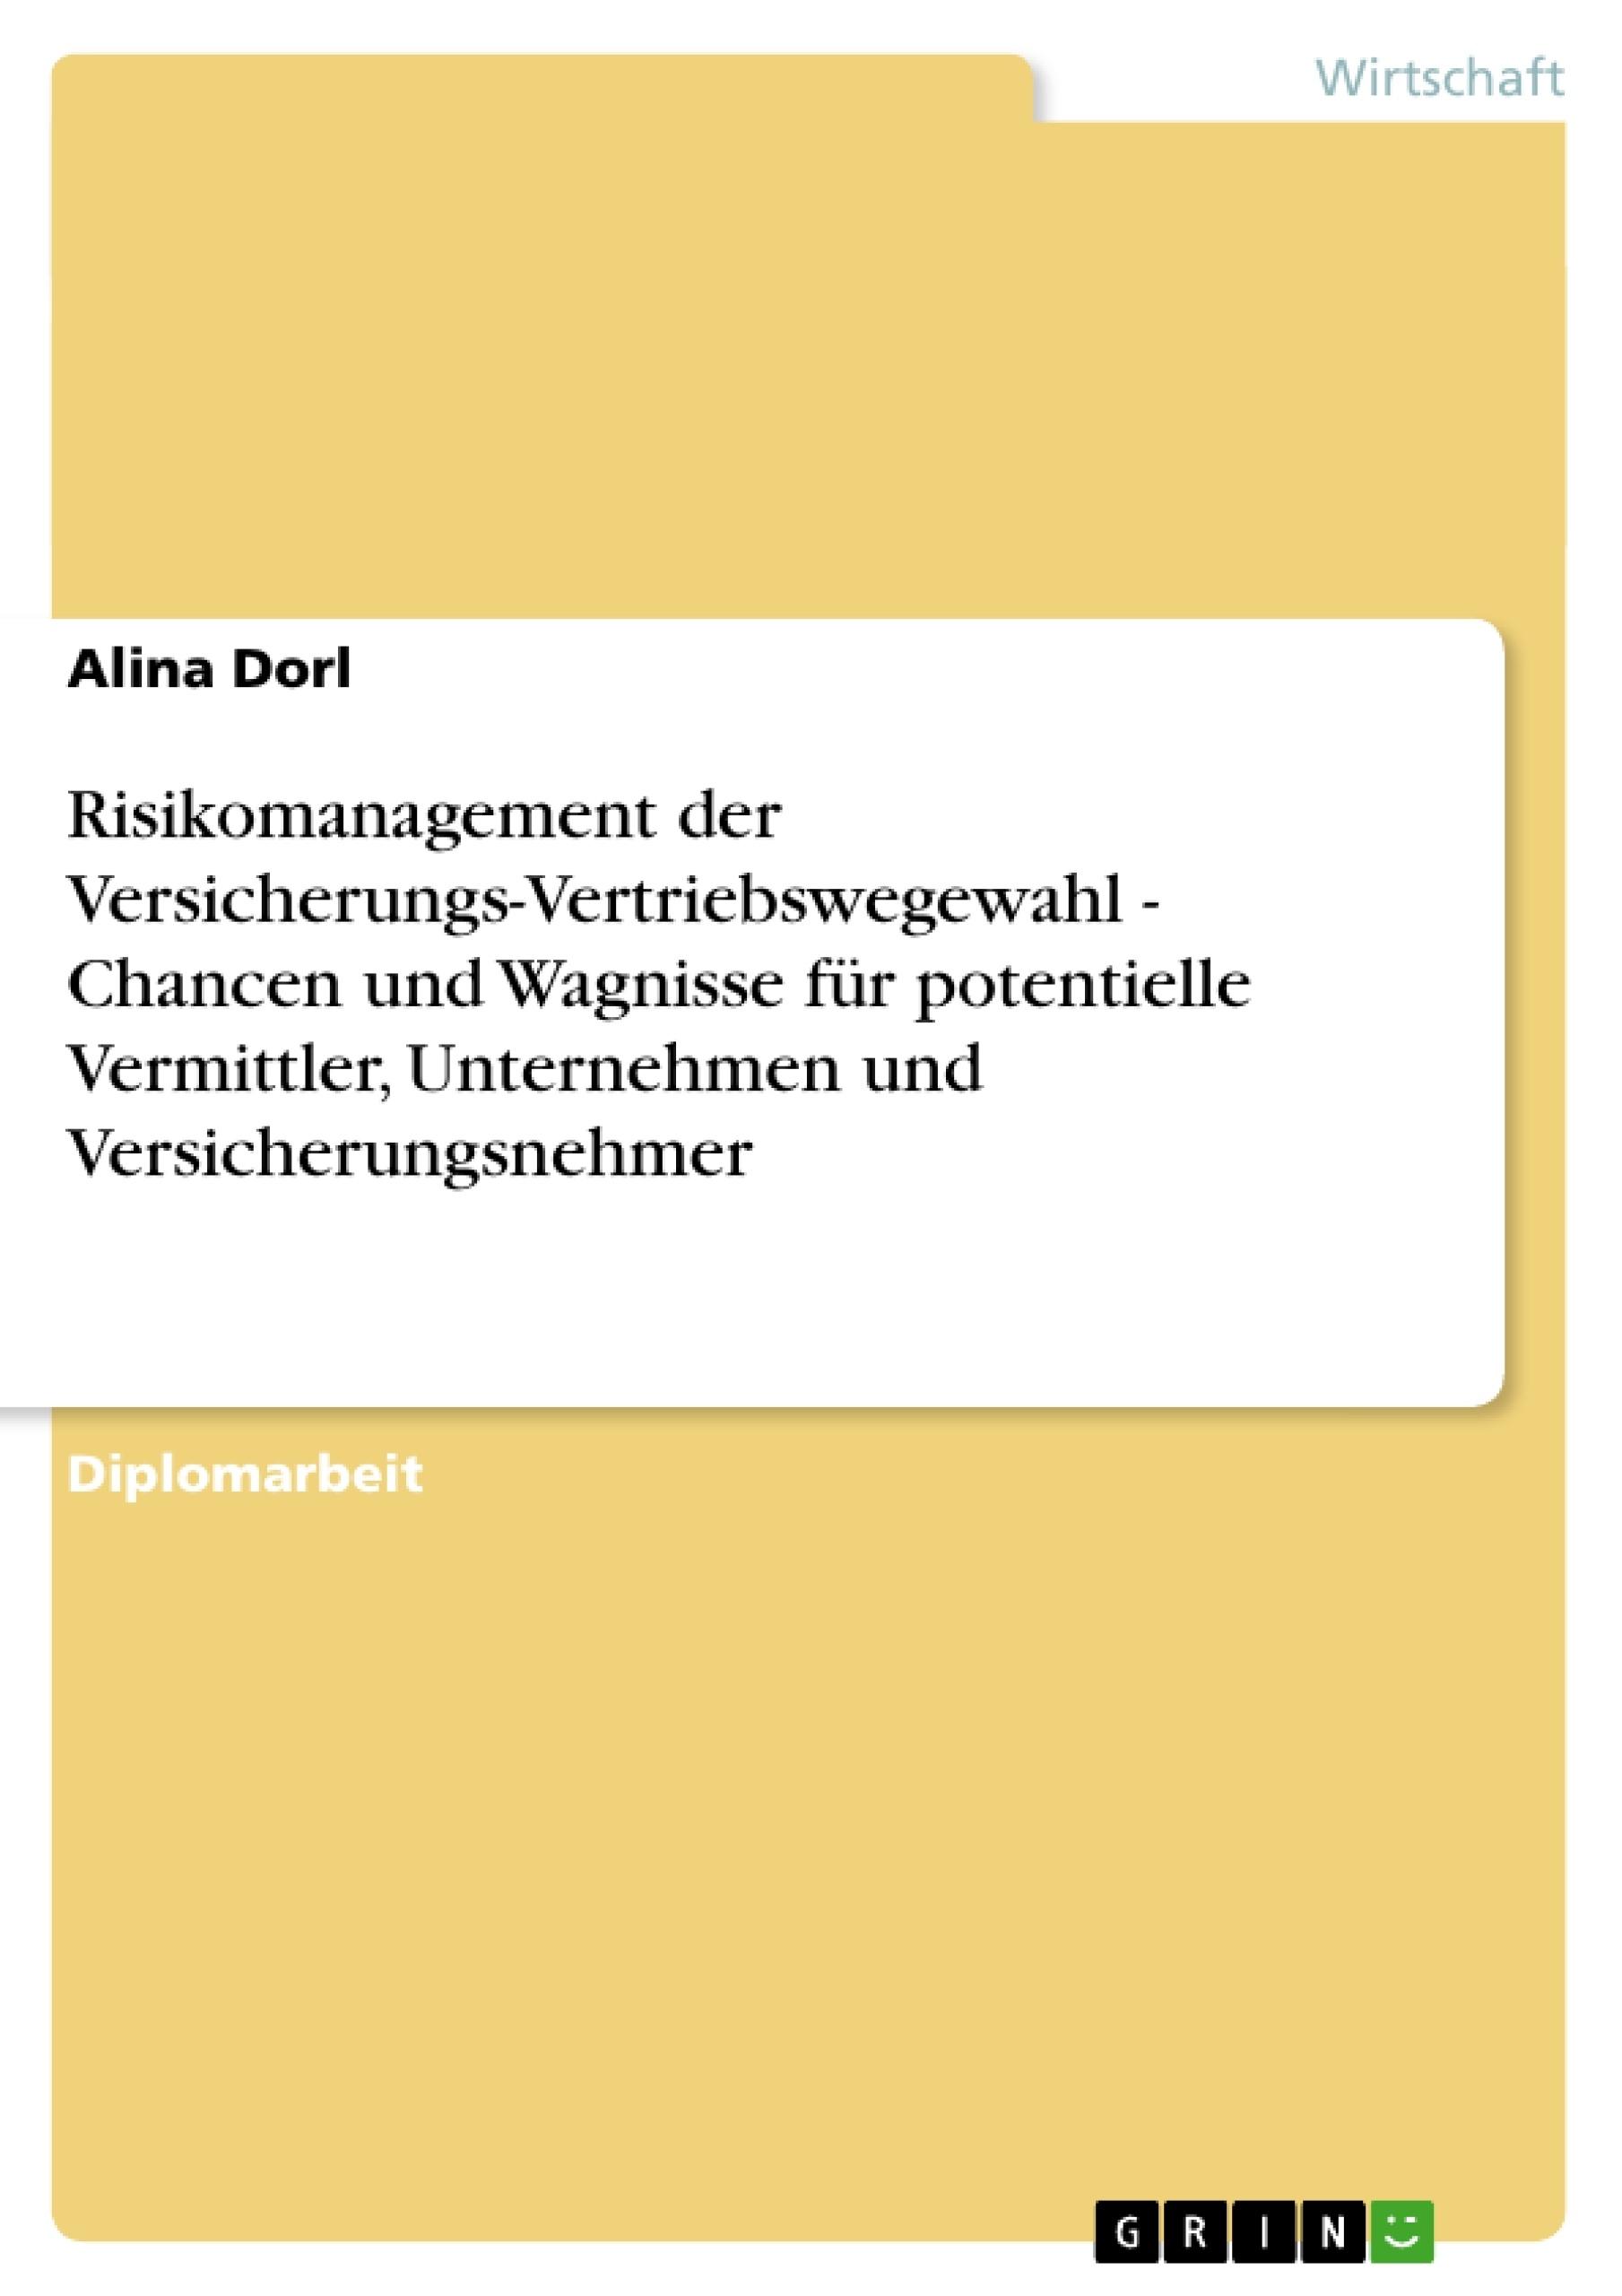 Titel: Risikomanagement der Versicherungs-Vertriebswegewahl - Chancen und Wagnisse für potentielle Vermittler, Unternehmen und Versicherungsnehmer